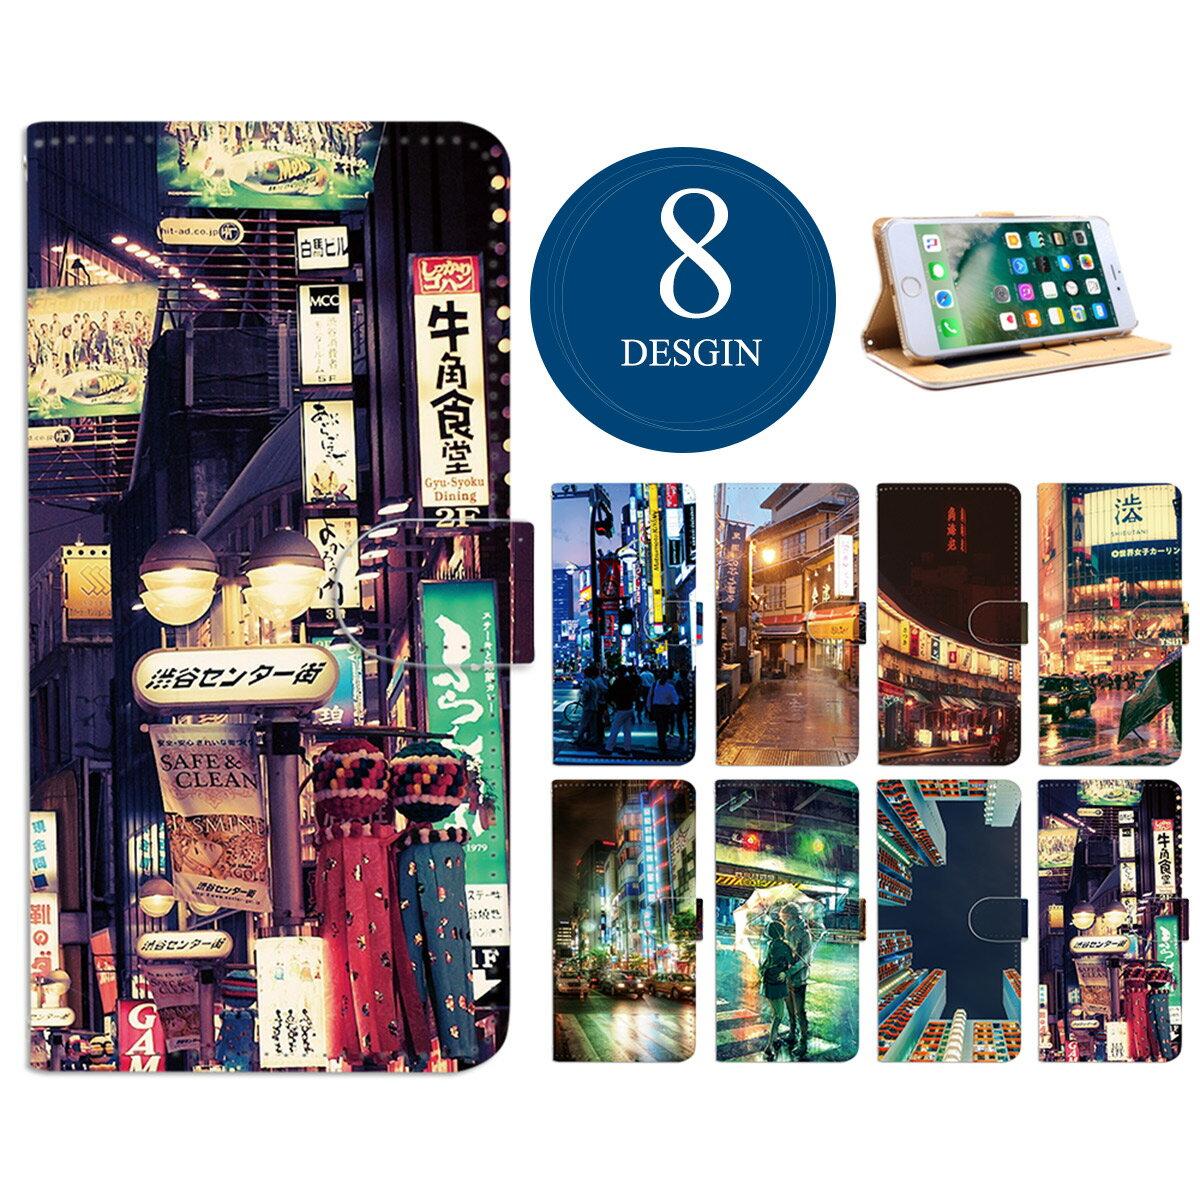 【最大25%OFF】スマホケース 手帳型 全機種対応 手帳 ケース カバー レザー iPhone XR iPhone Xs F-03K SH-M07 L-03K SOV38 SO-04K 707SH ZC600KL ZE620KL 704KC F-04K SHV42 706SH HUAWEI P20 lite SOV37 SO-05K 702SO SC-03K galaxy s9 [M便 1/1] メール便発送